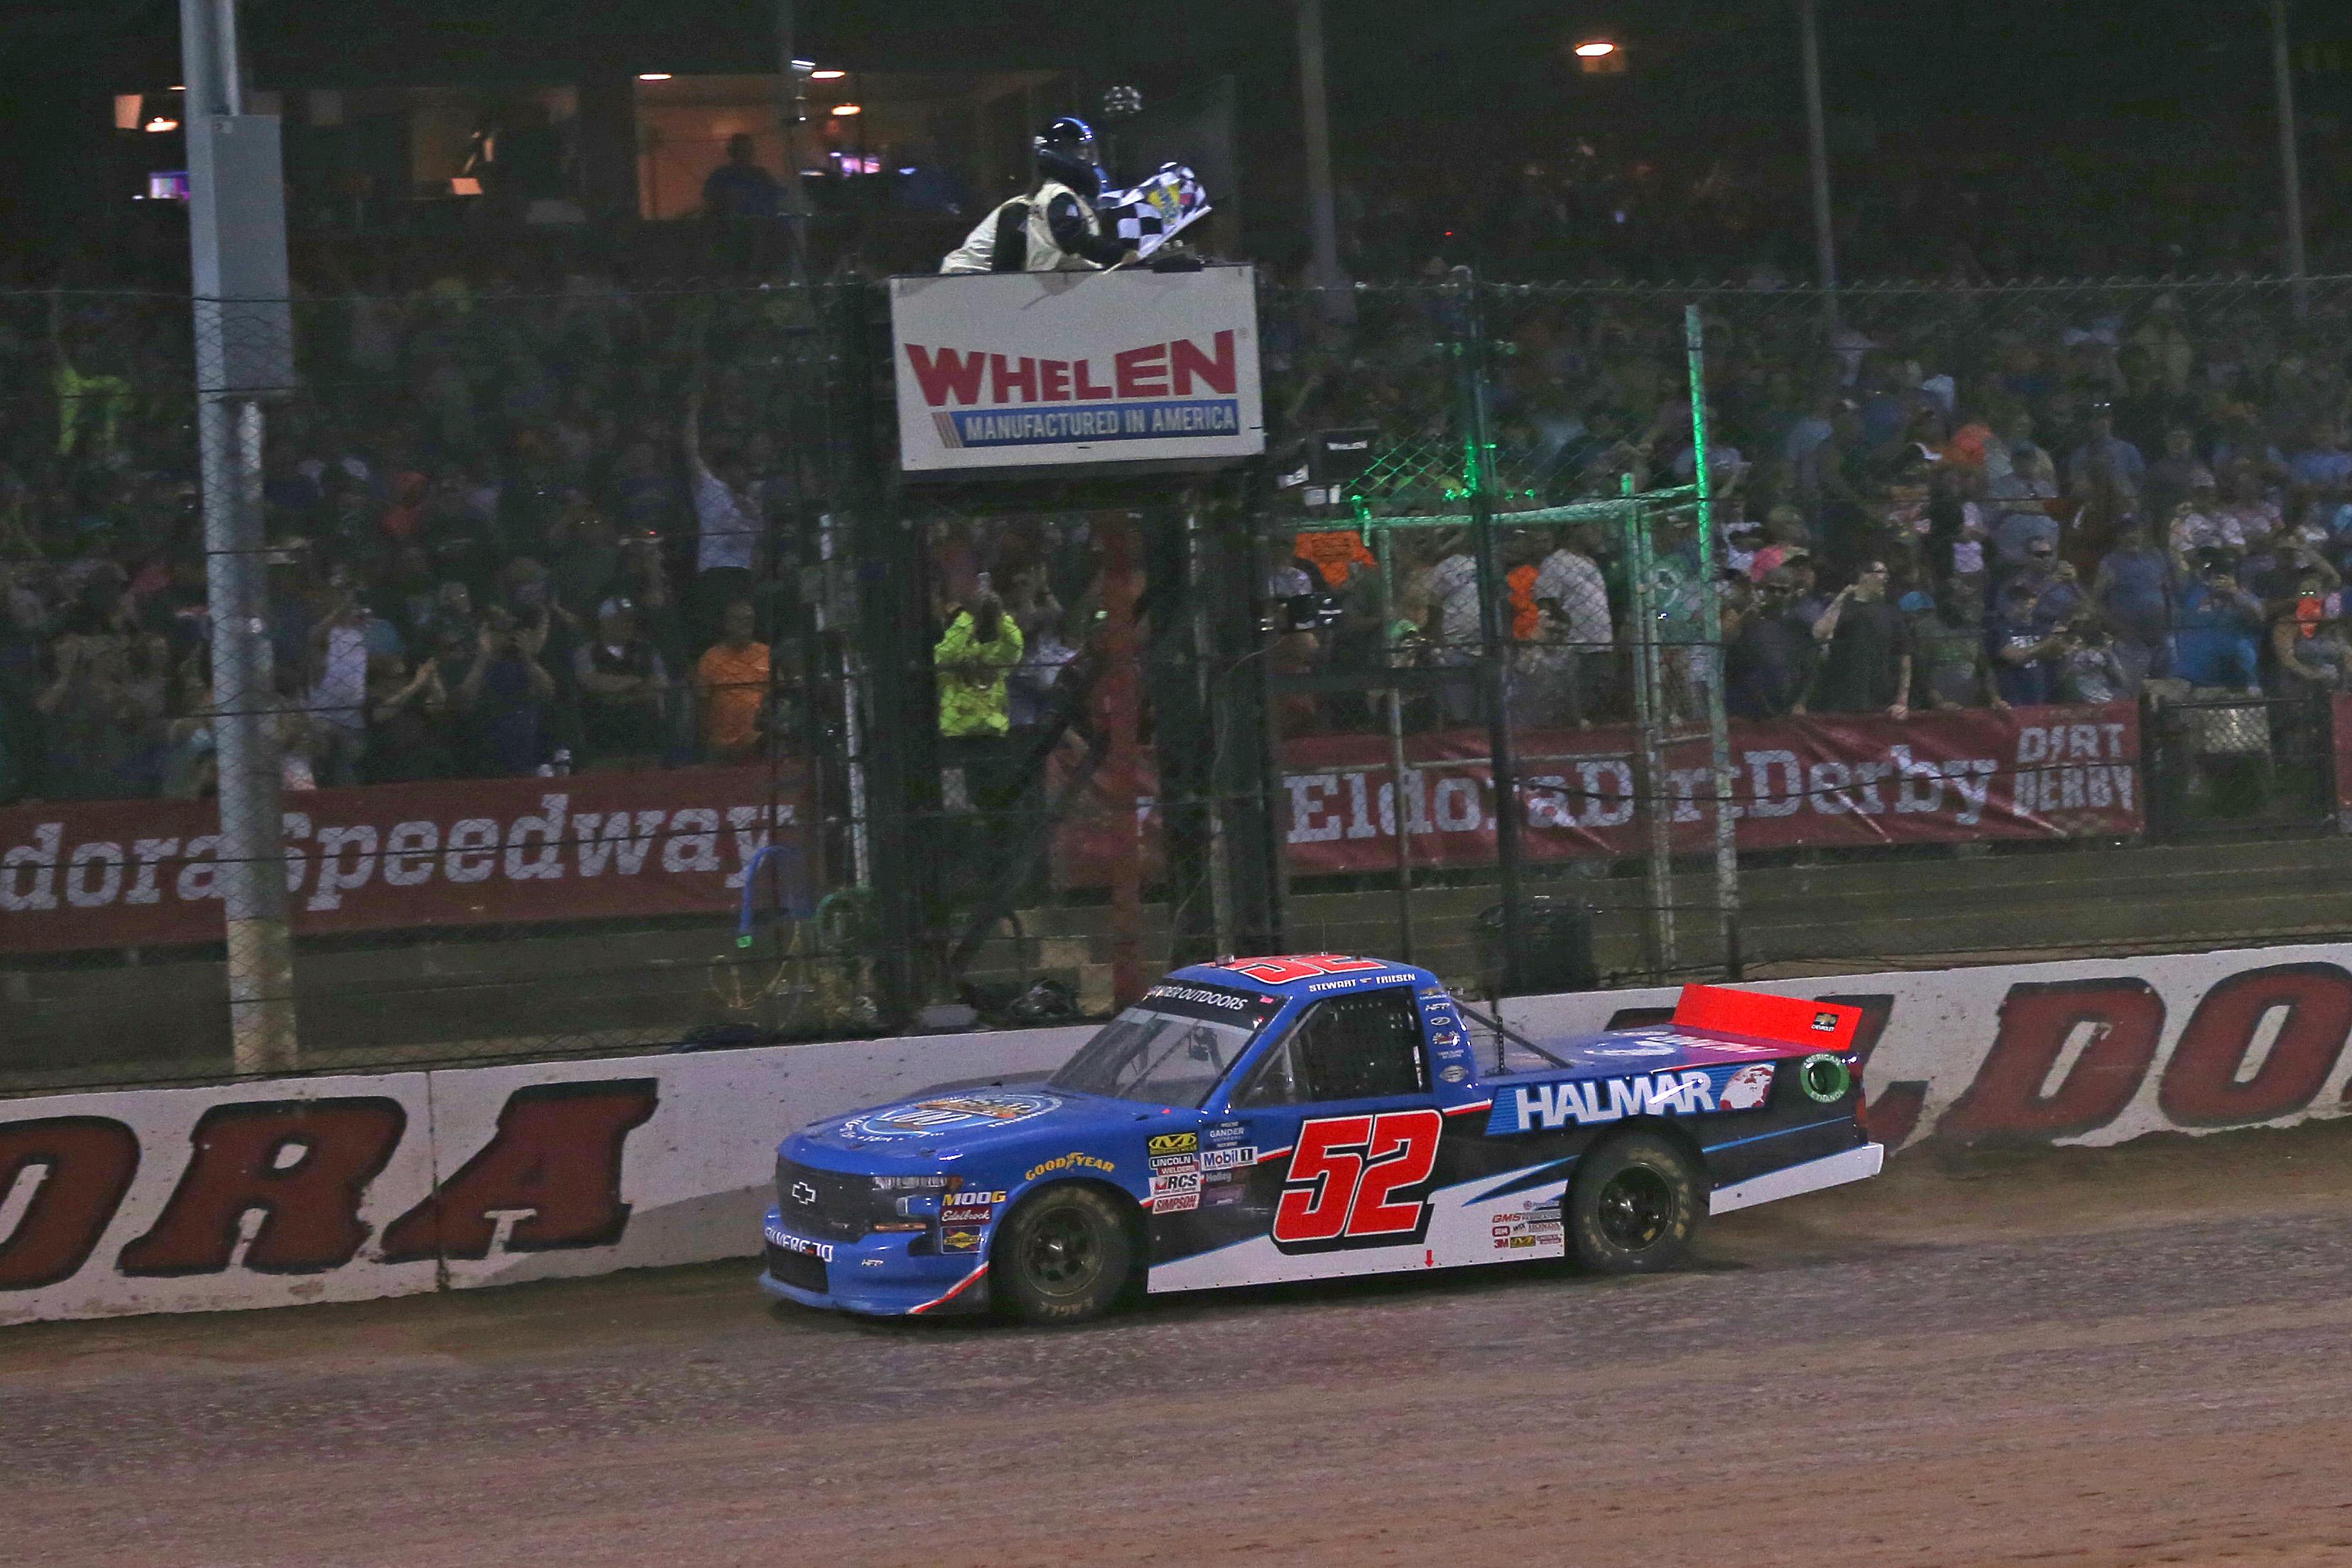 Stewart Friesen wins the Eldora Dirt Derby at Eldora Speedway - NASCAR dirt race